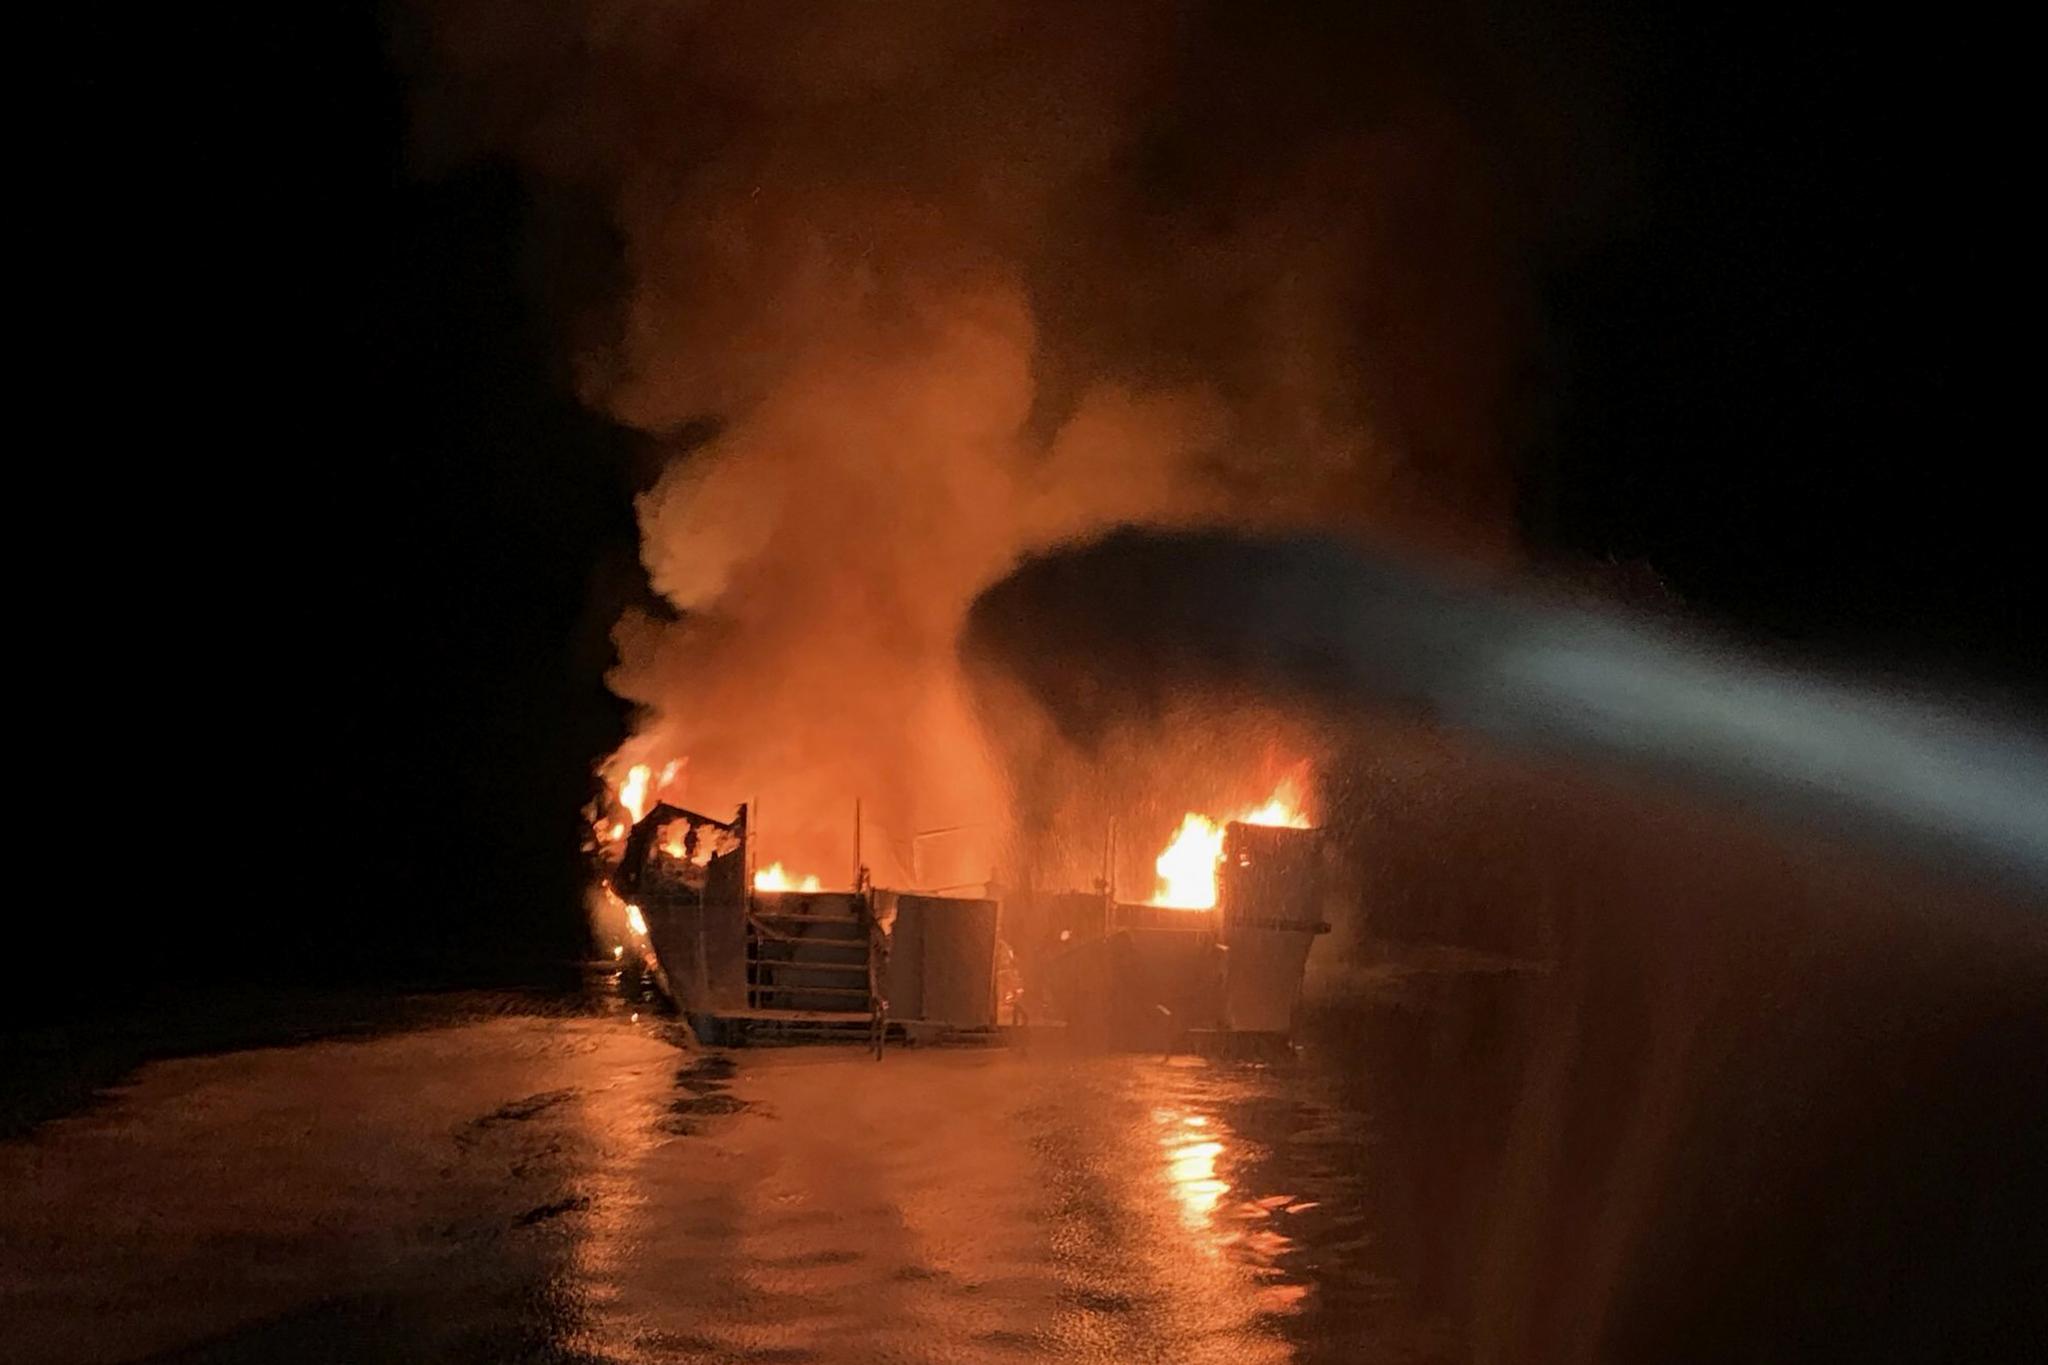 소방관들이 2일(현지시간) 화염에 휩싸인 보트에 진화작업을 하고 있다. [AP=연합뉴스]